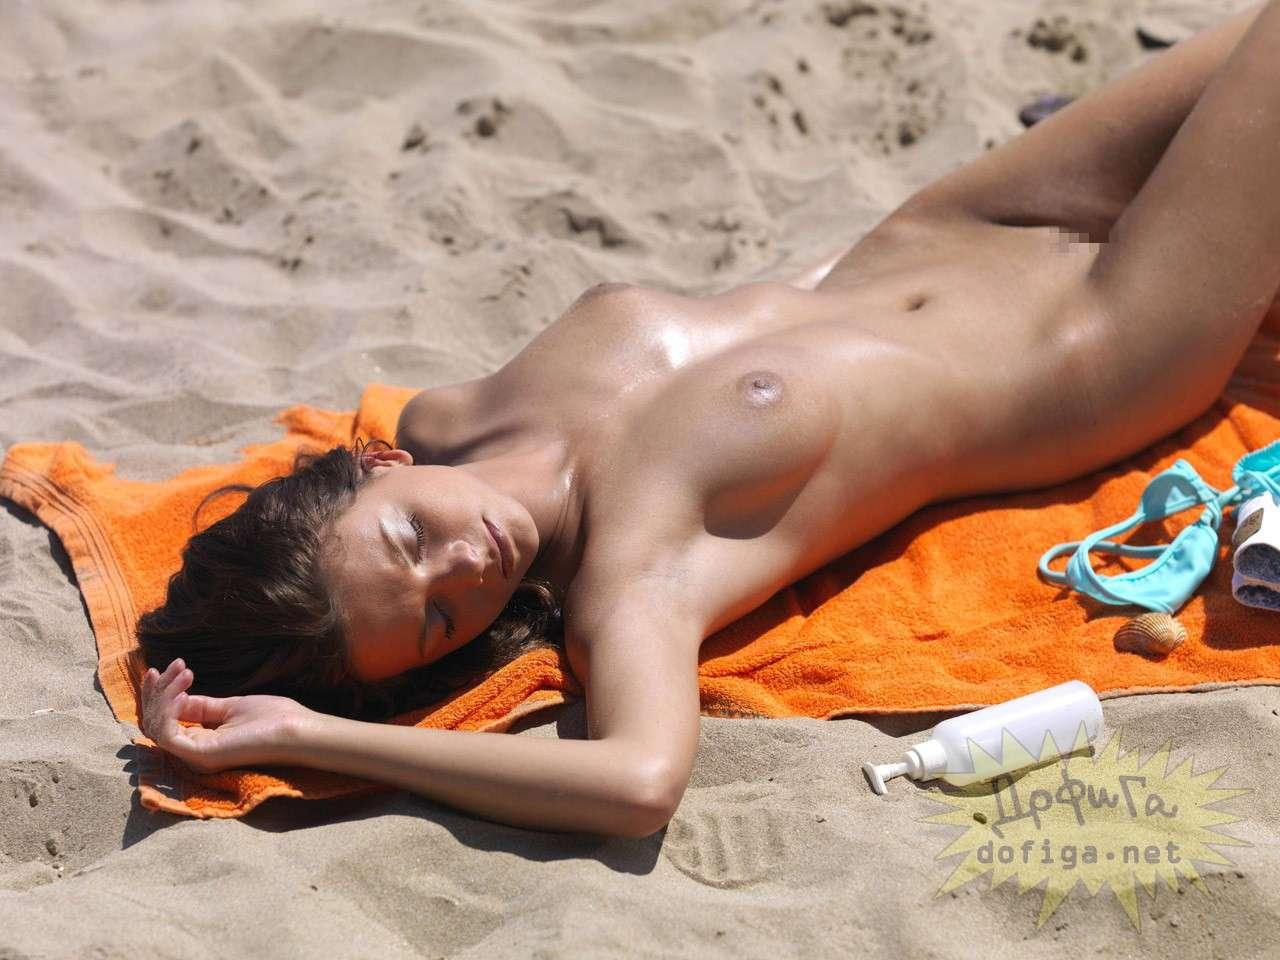 ヌーディストビーチのいいだろムフフ